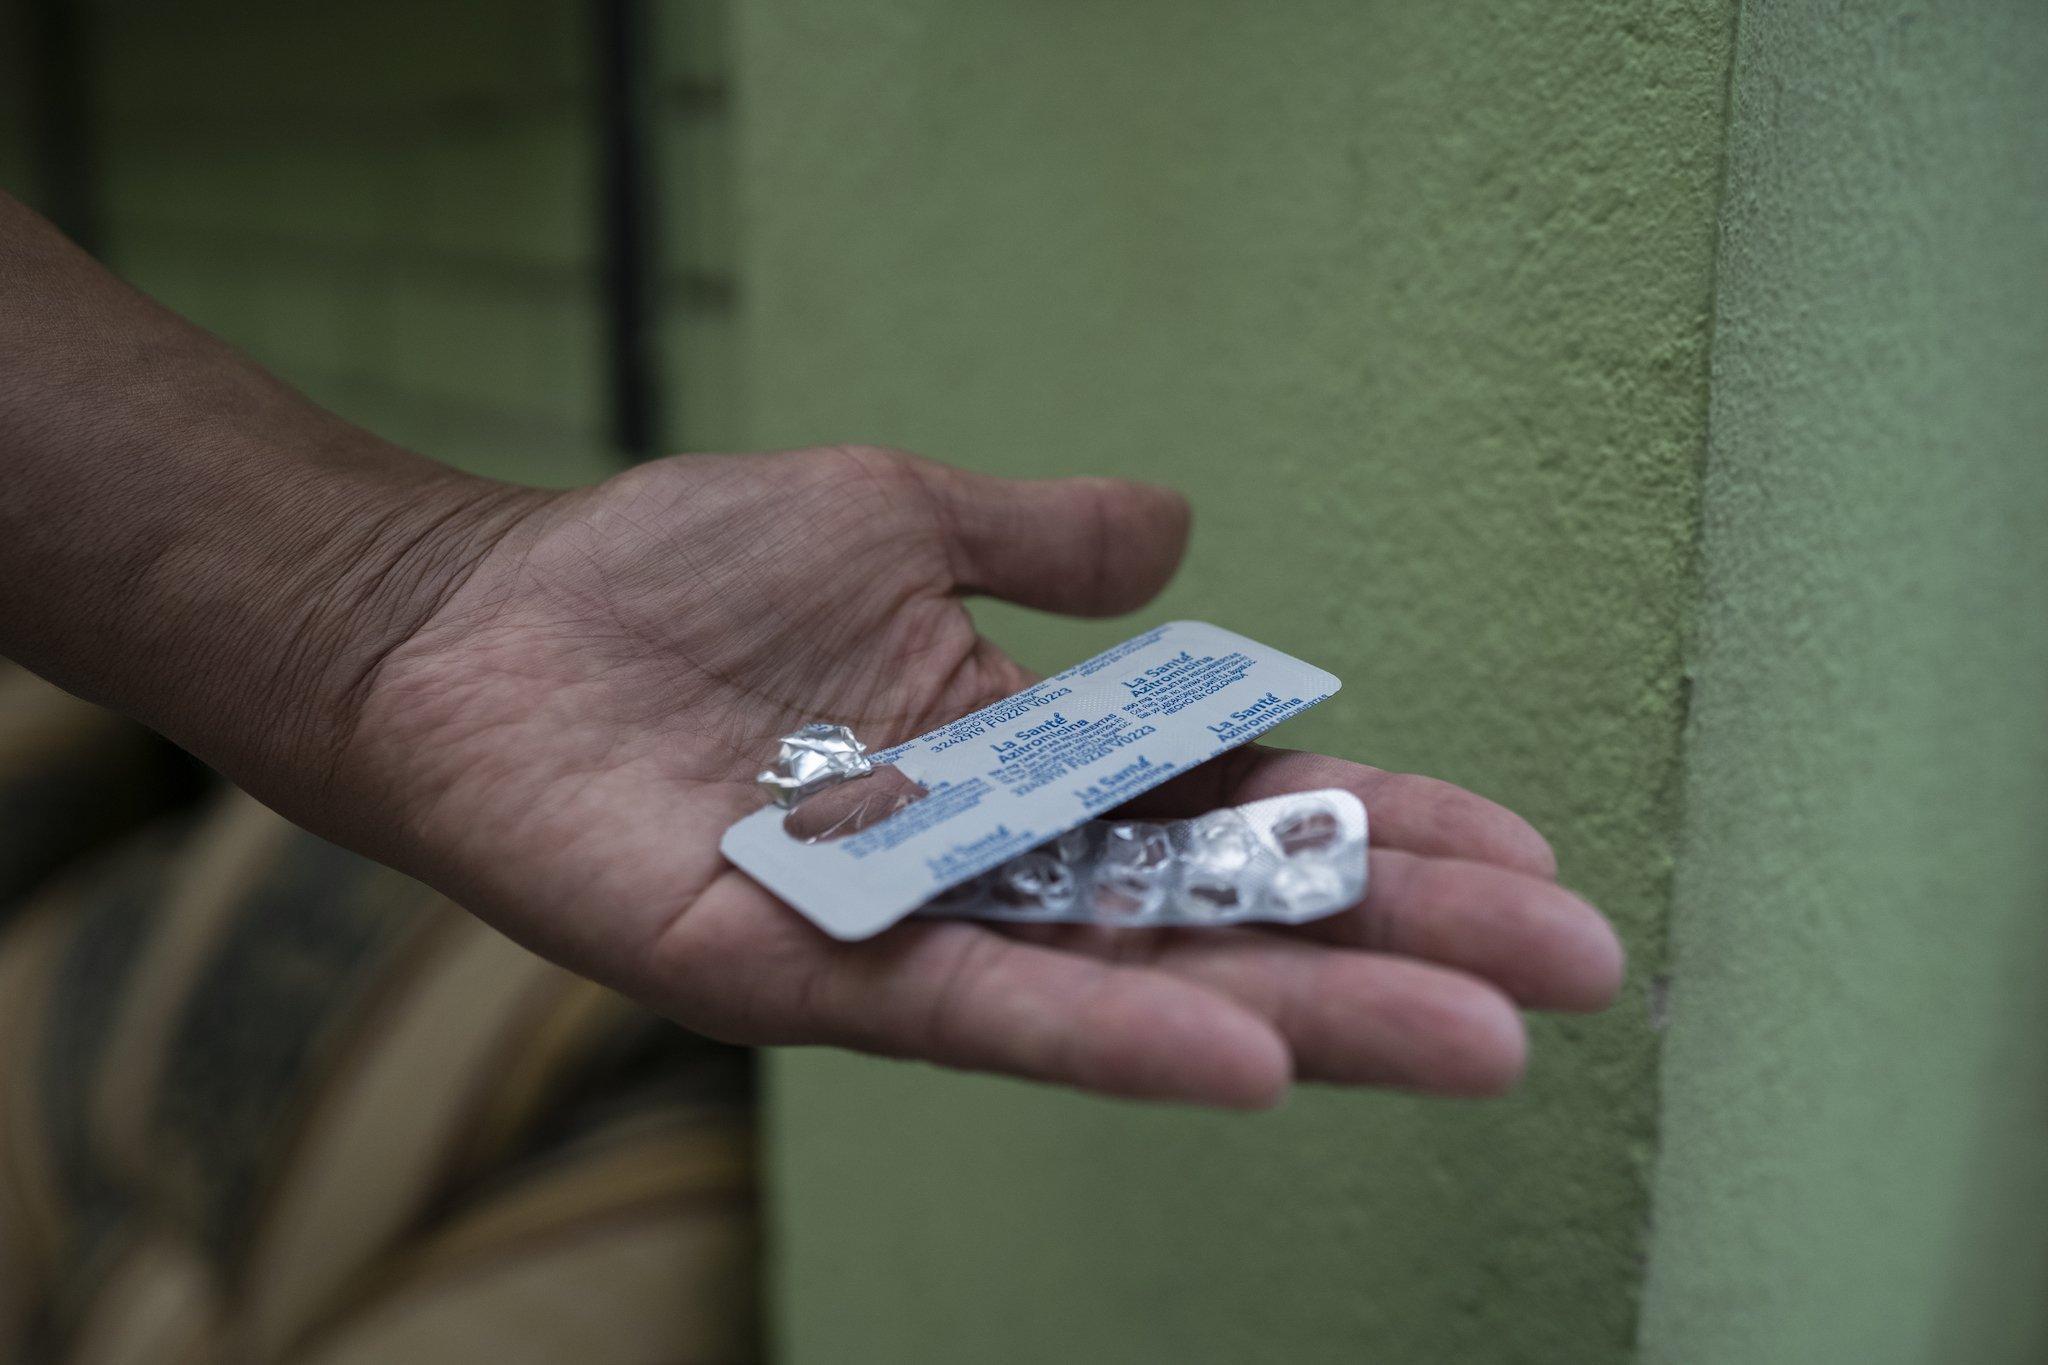 Ein Covid-19-Patient hält in der Hand zwei Blisterverpackungen, in denen einige Pillen fehlen.